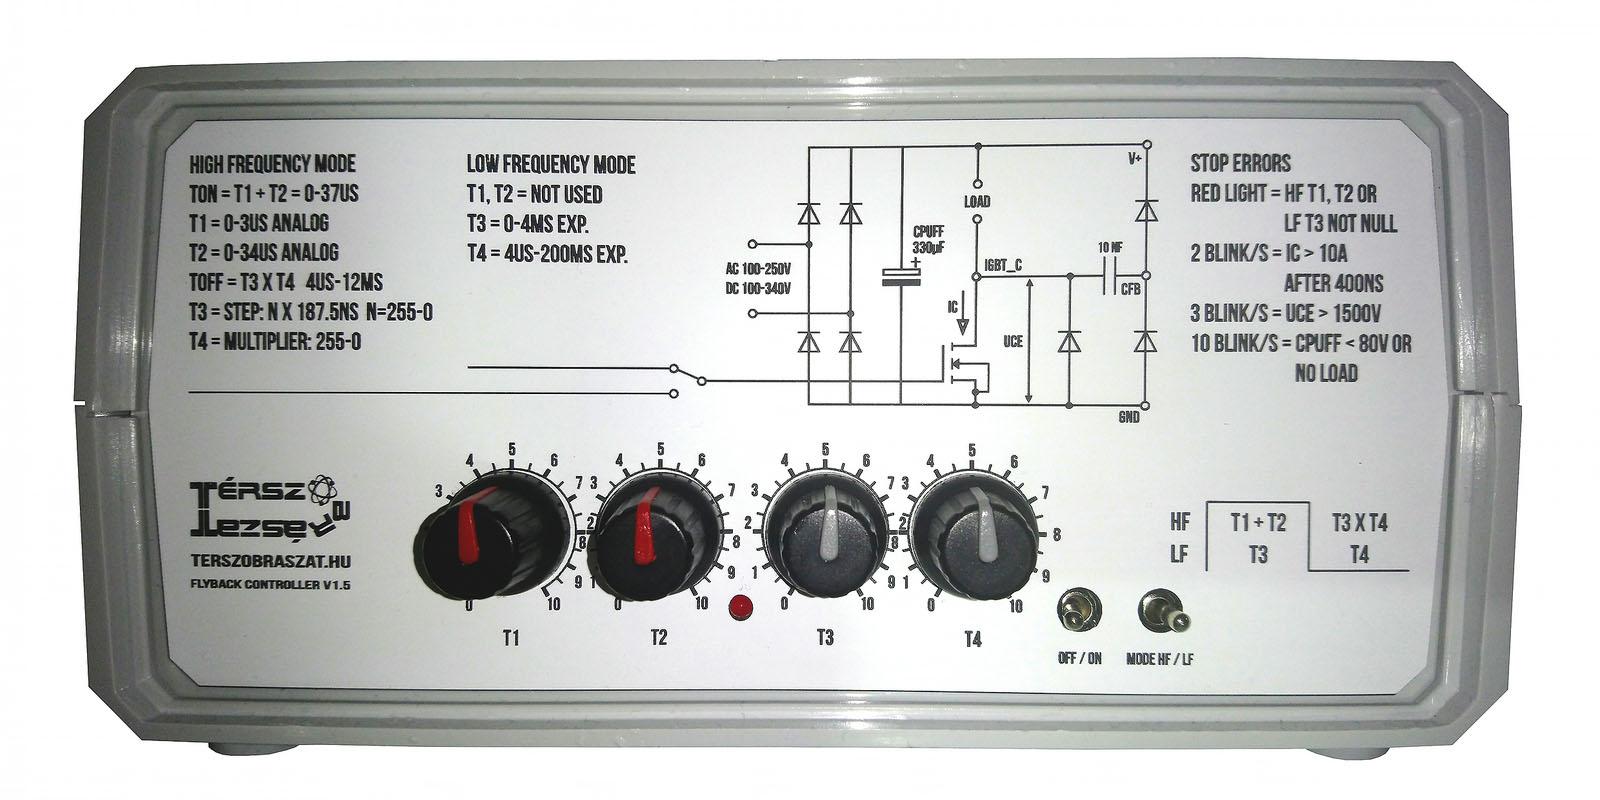 fbc-v1-6-elolap-flyback-controller Flyback Controller V1.5